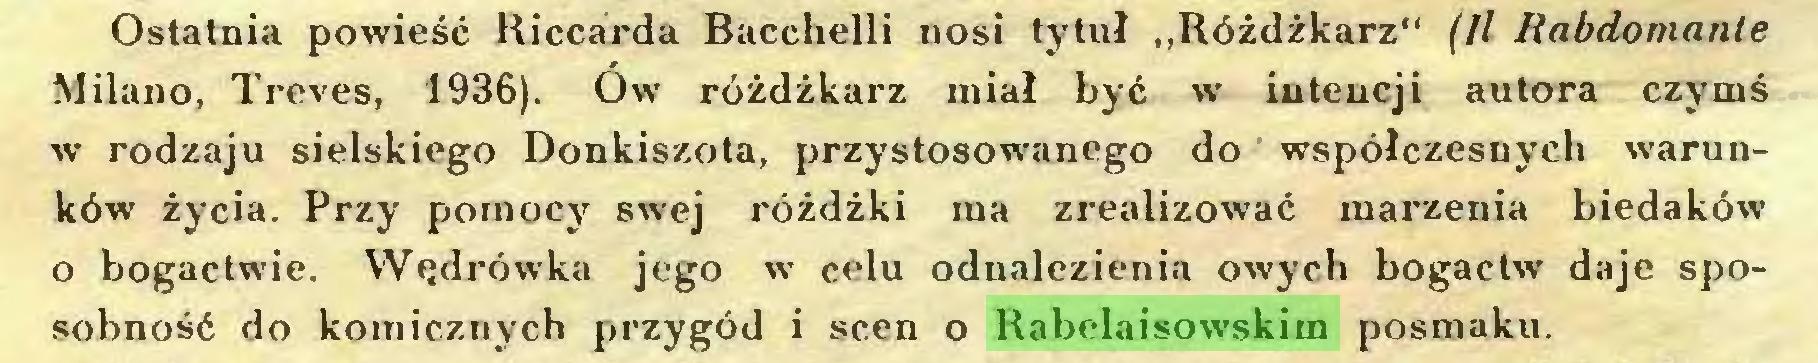 """(...) Ostatnia powieść Kiccarda Bacchelli nosi tytuł """"Różdżkarz"""" (II Rabdomante Milano, Treves, 1936). Ów różdżkarz miał być w intencji autora czymś w rodzaju sielskiego Donkiszota, przystosowanego do współczesnych warunków życia. Przy pomocy swej różdżki ma zrealizować marzenia biedaków o bogactwie. Wędrówka jego w celu odnalezienia owych bogactw daje sposobność do komicznych przygód i scen o Rabelaisowskim posmaku..."""